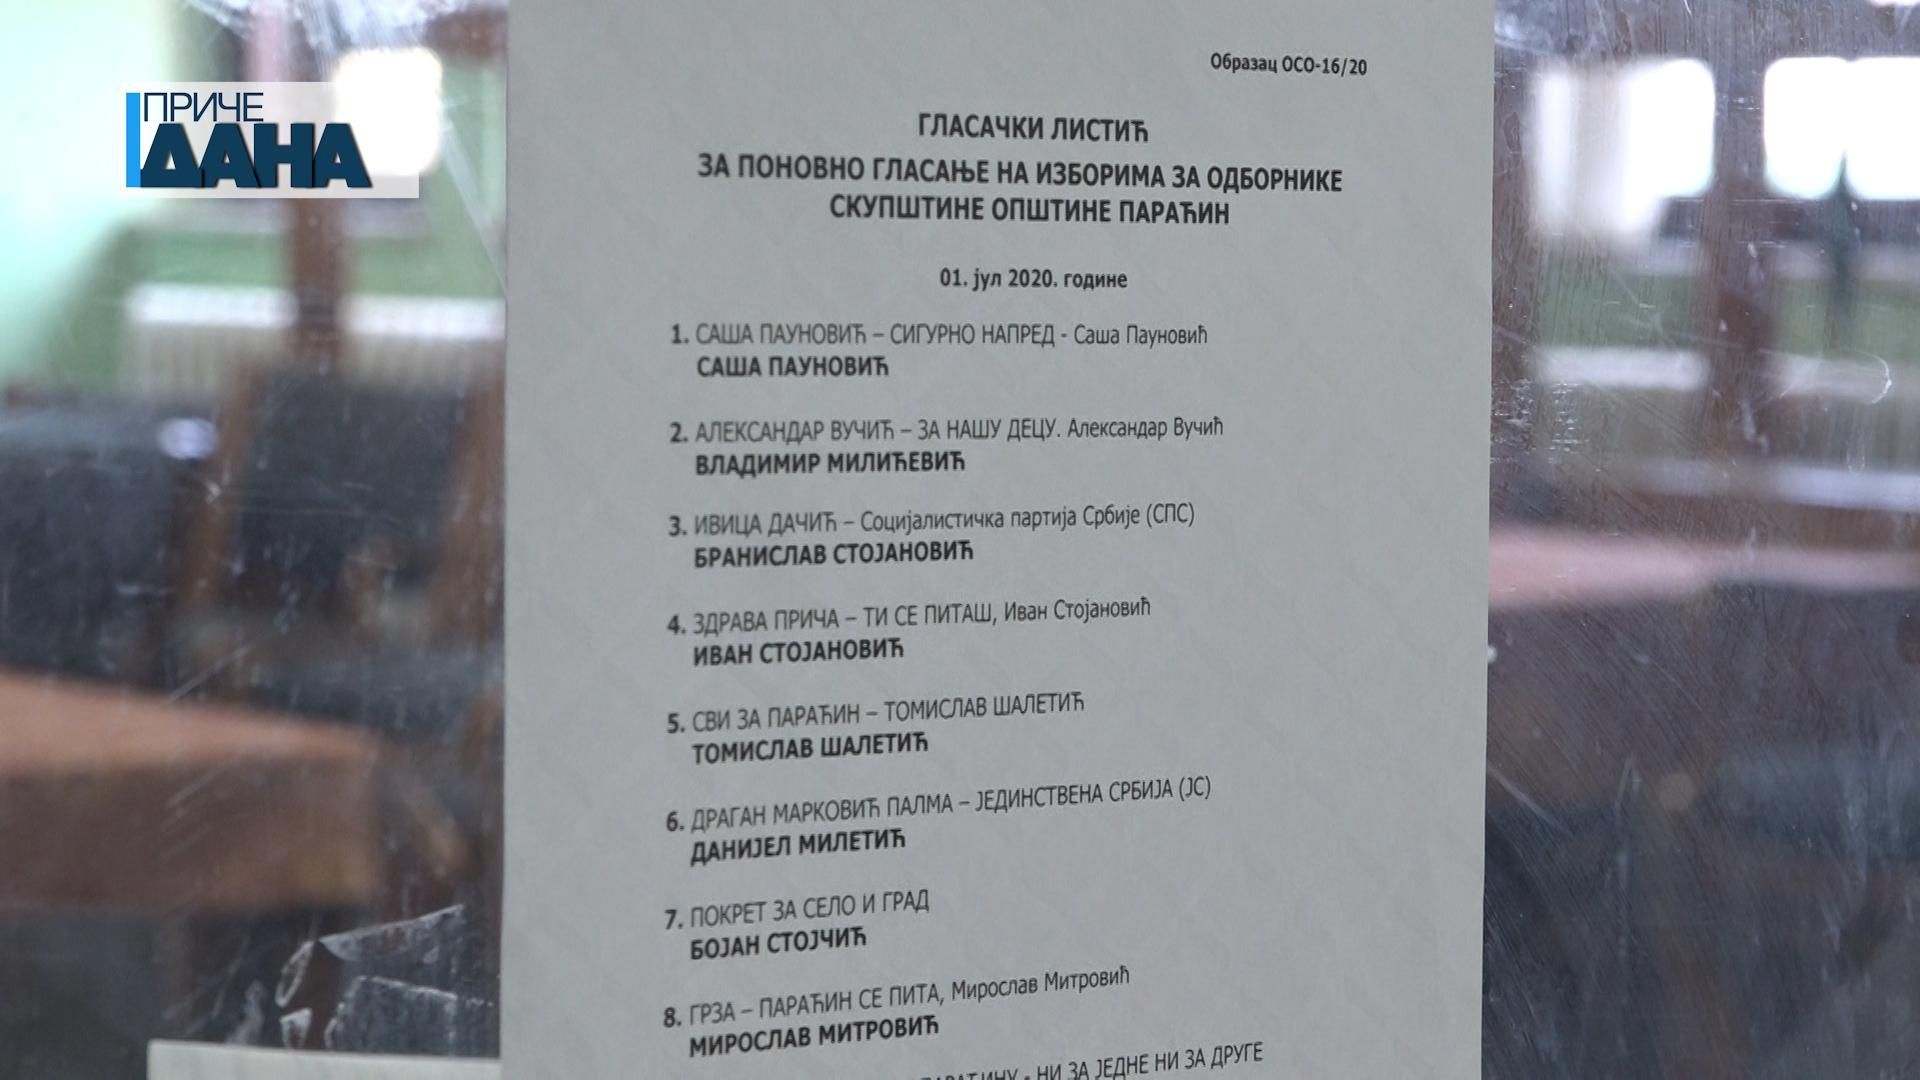 I dalje bez konačnih rezultata izbora u Paraćinu